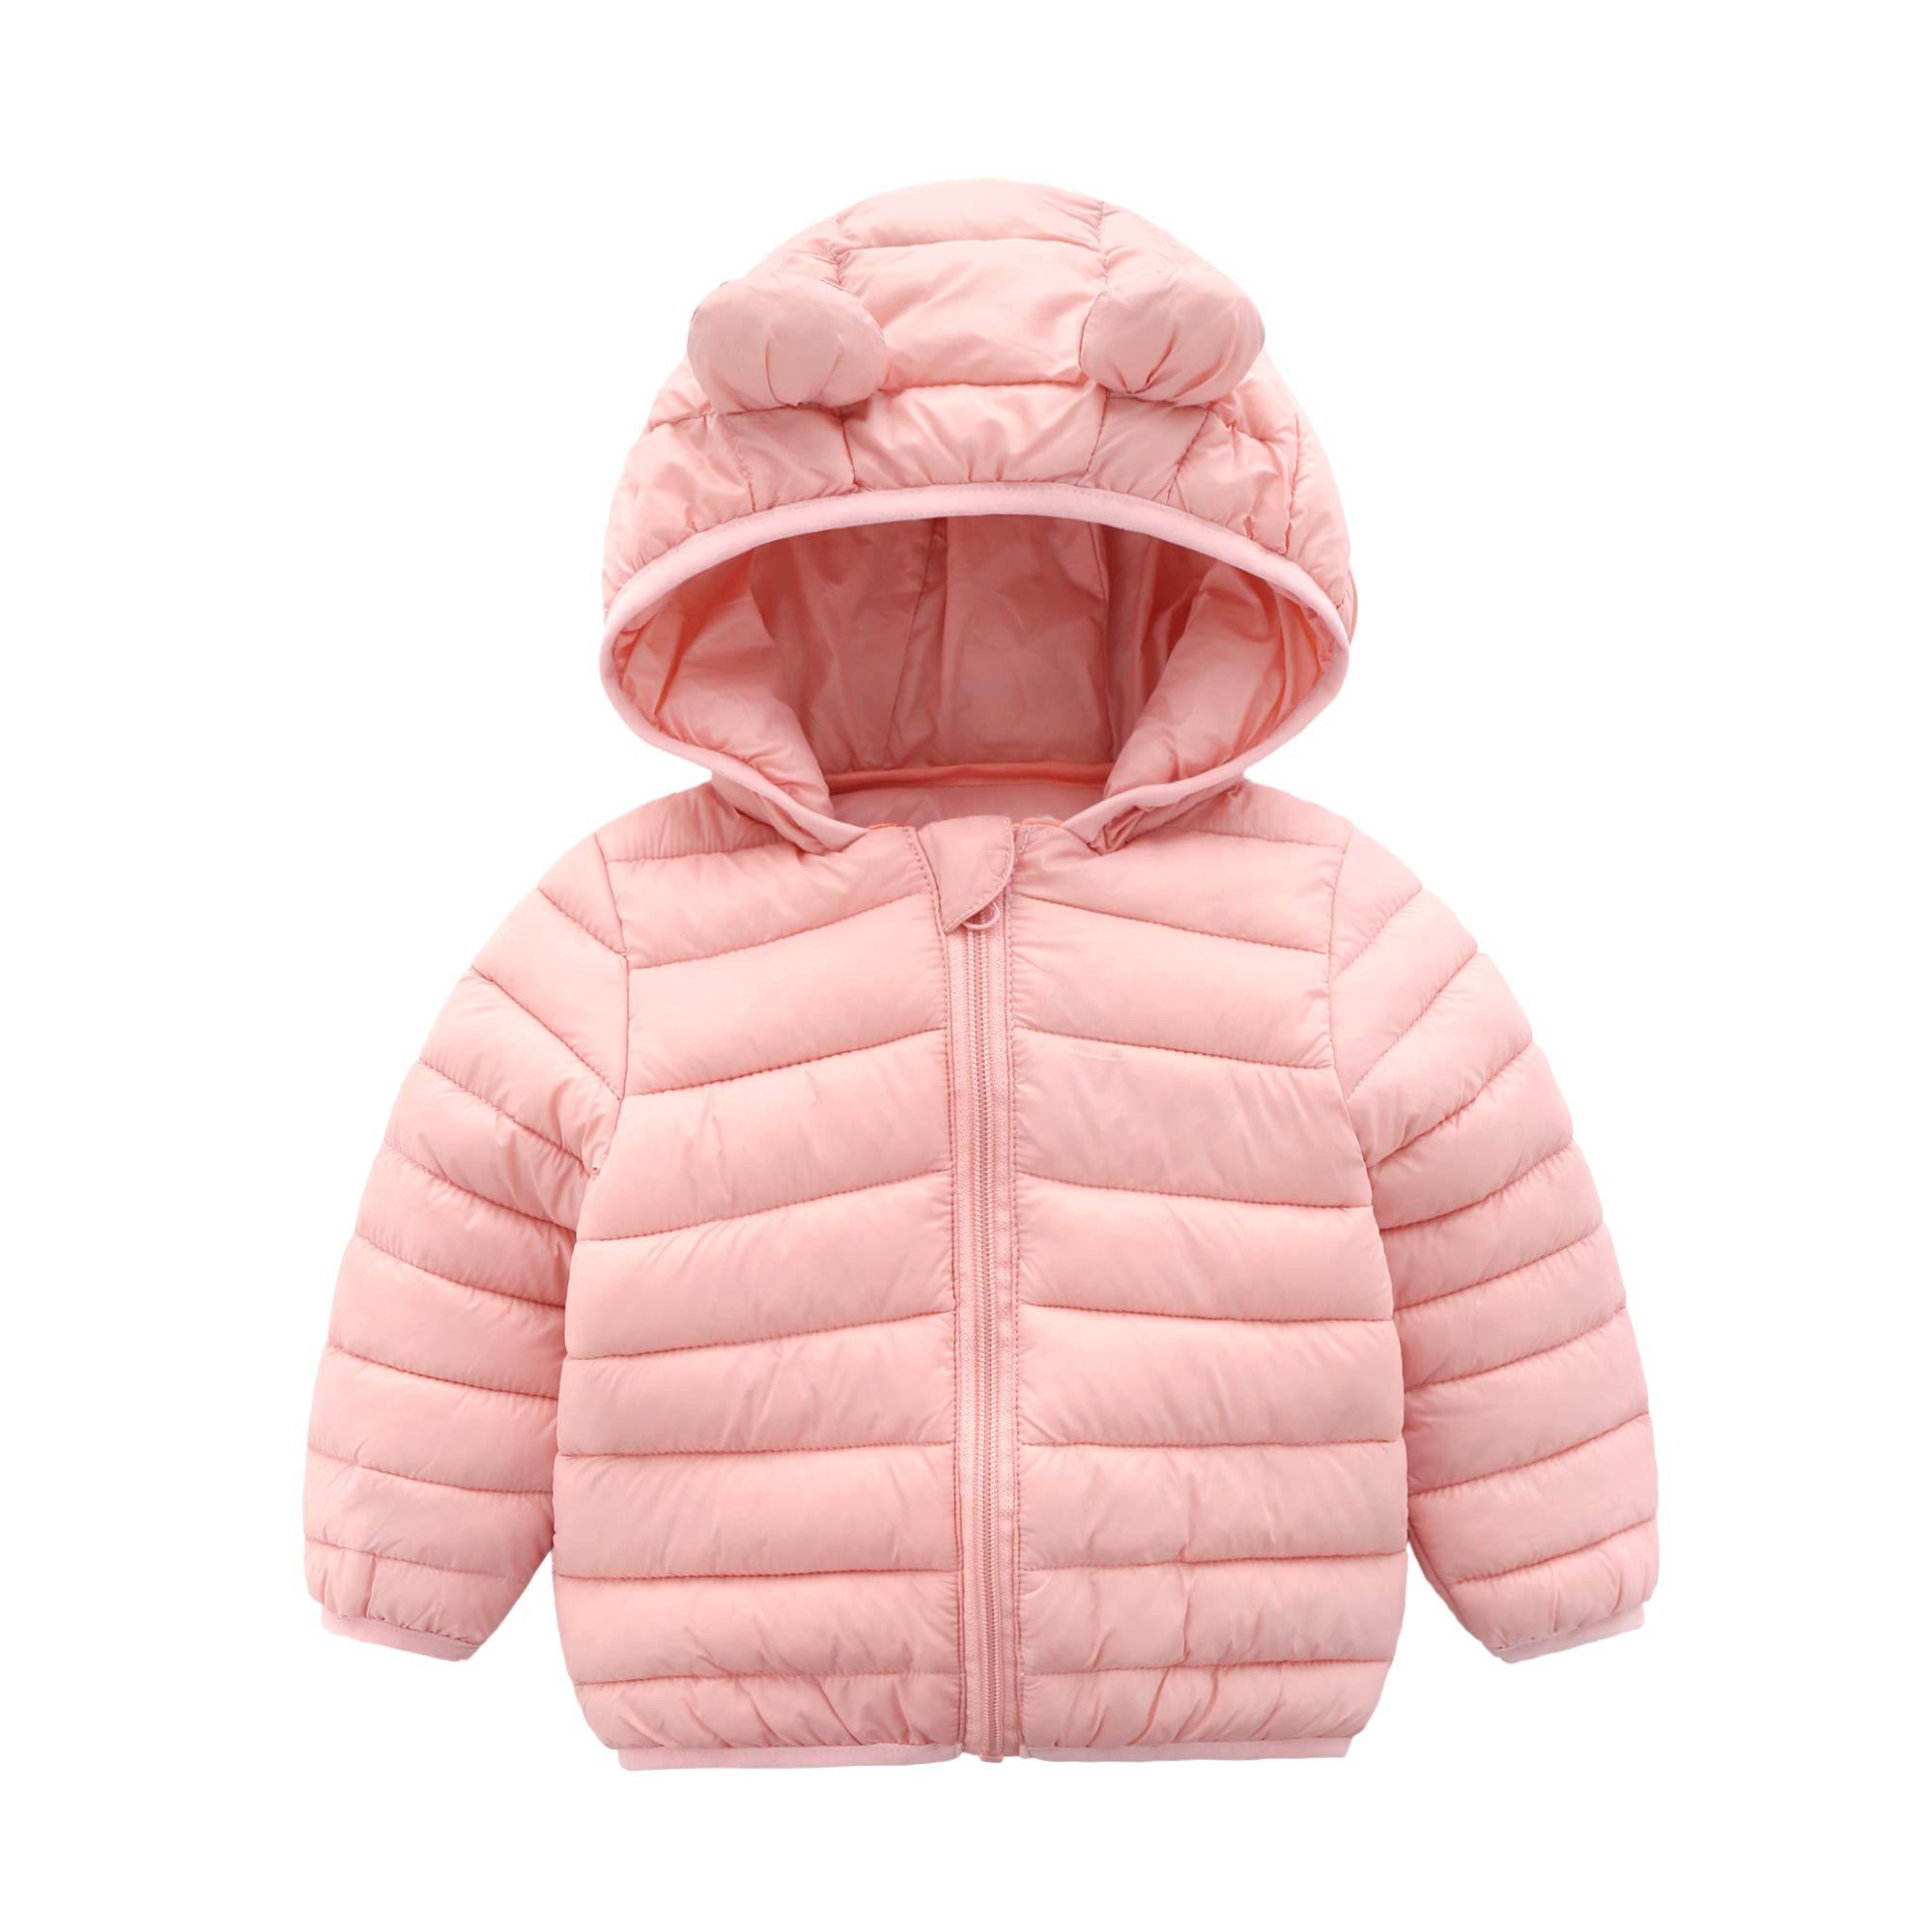 Kids4ever Baby Coat Winter Hooded Puffer Jackets 0-36 Month Girls Boys Lightweight Warm Zipper Jacket Outwear